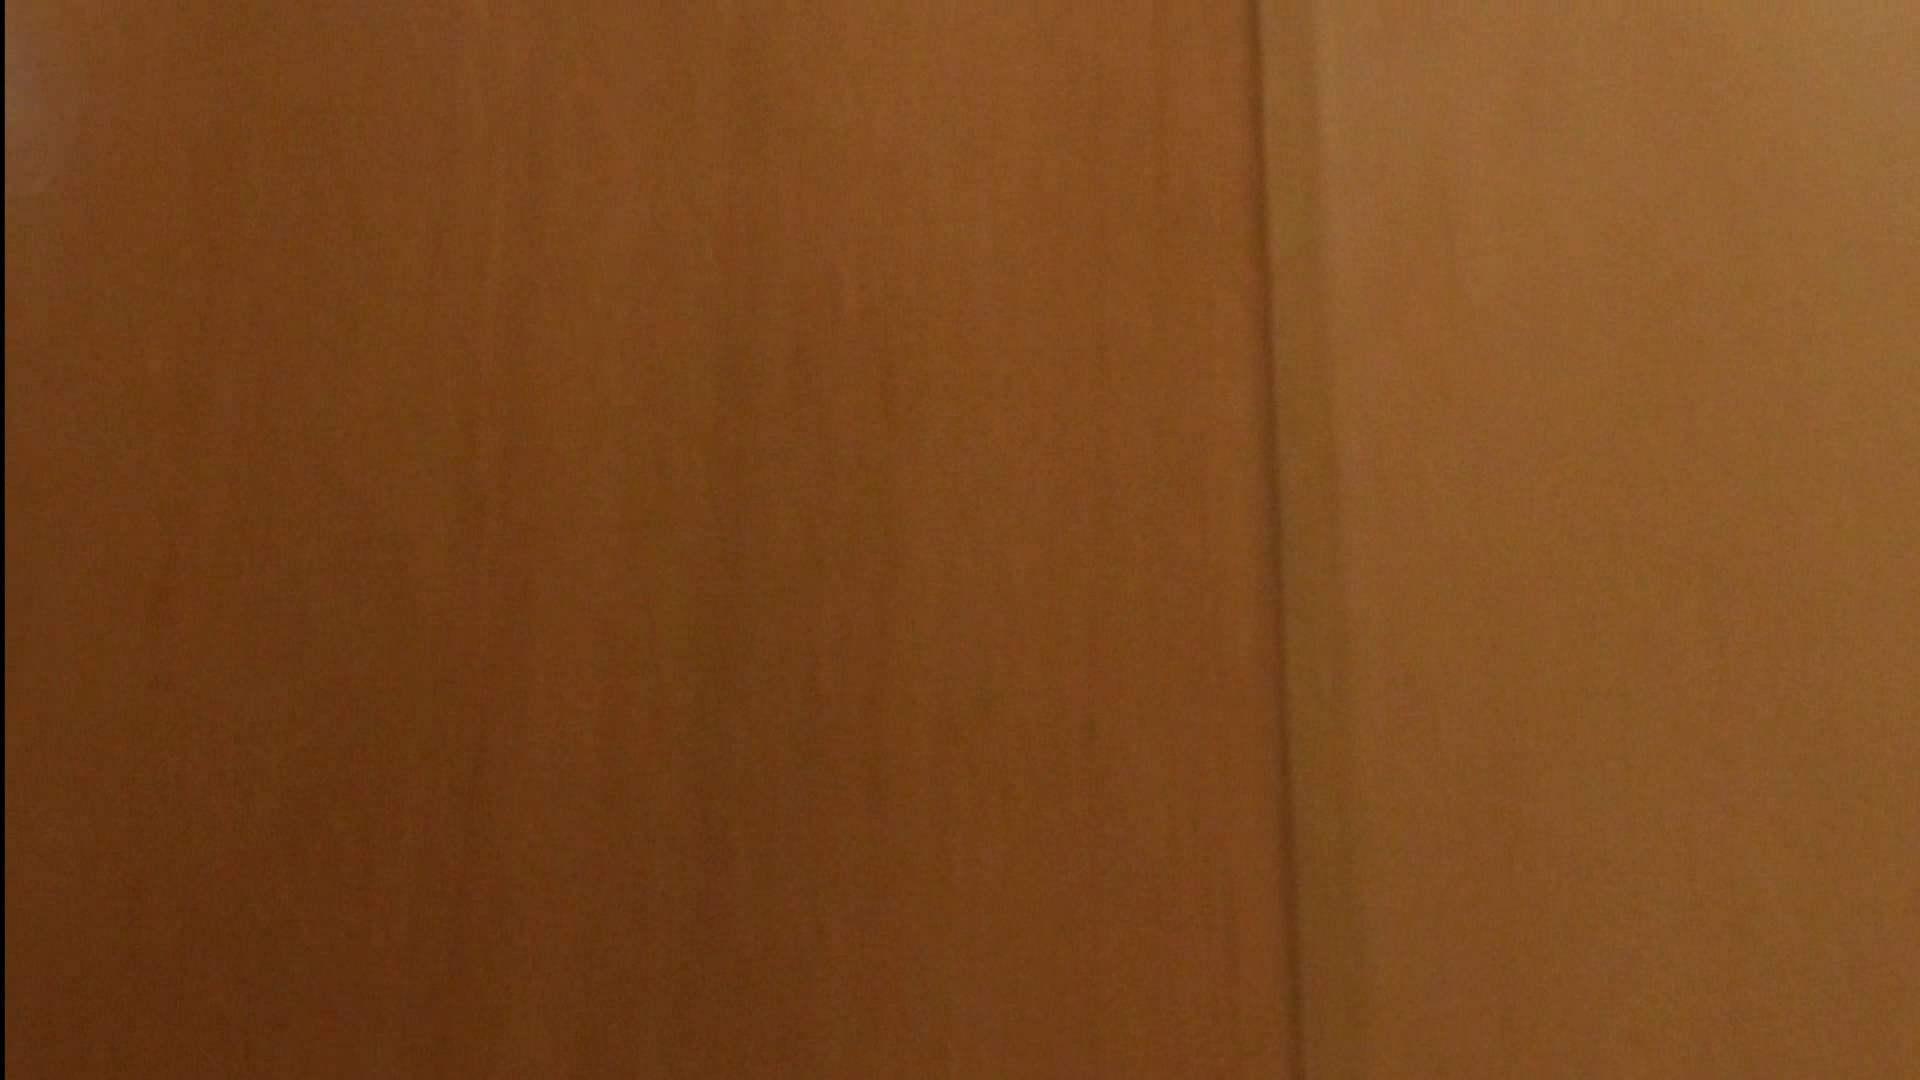 隣国化粧室下から御免!! No.04 美女ハメ撮り  100Pix 25